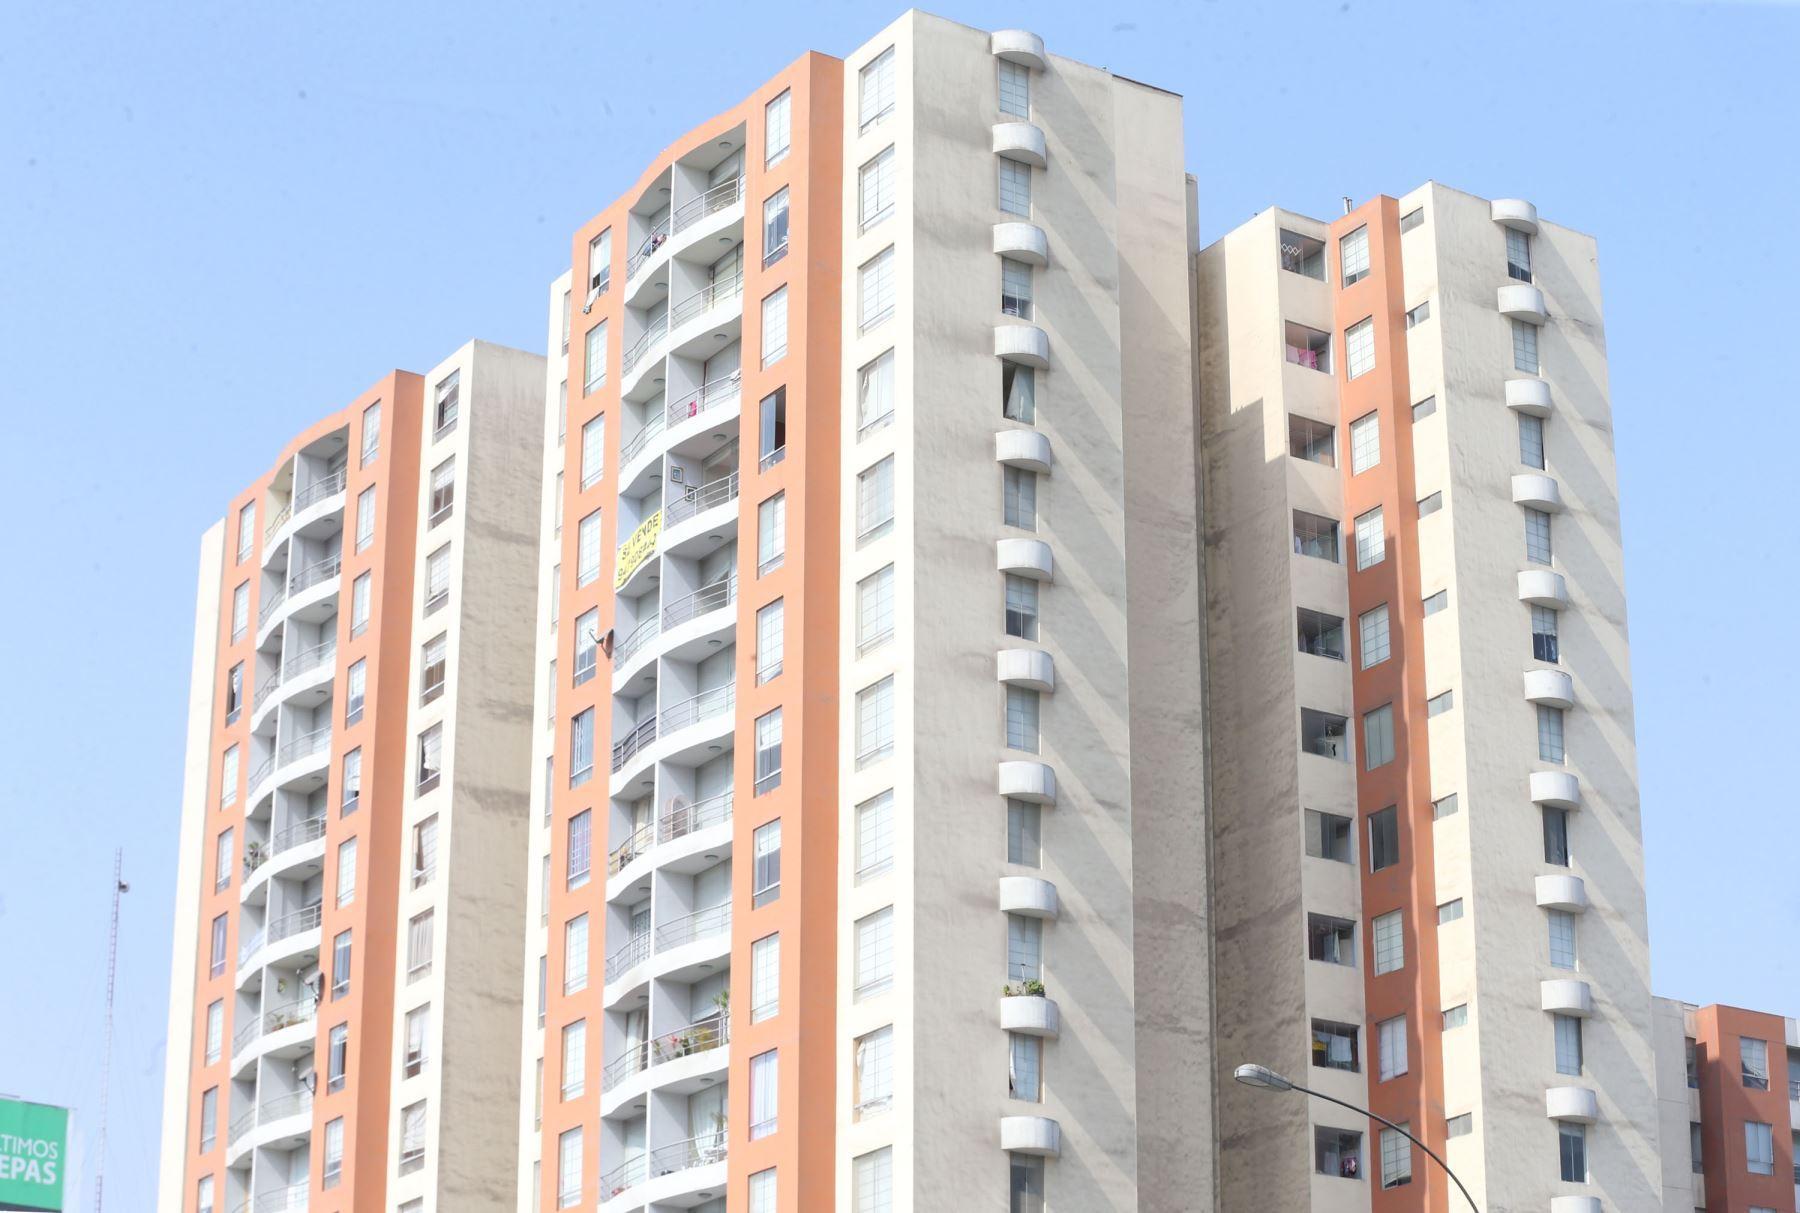 El monto final dependerá de la tasación (que será doble de acuerdo a lo establecido en la ley) que se realice de la vivienda. Foto: ANDINA/Vidal Tarqui